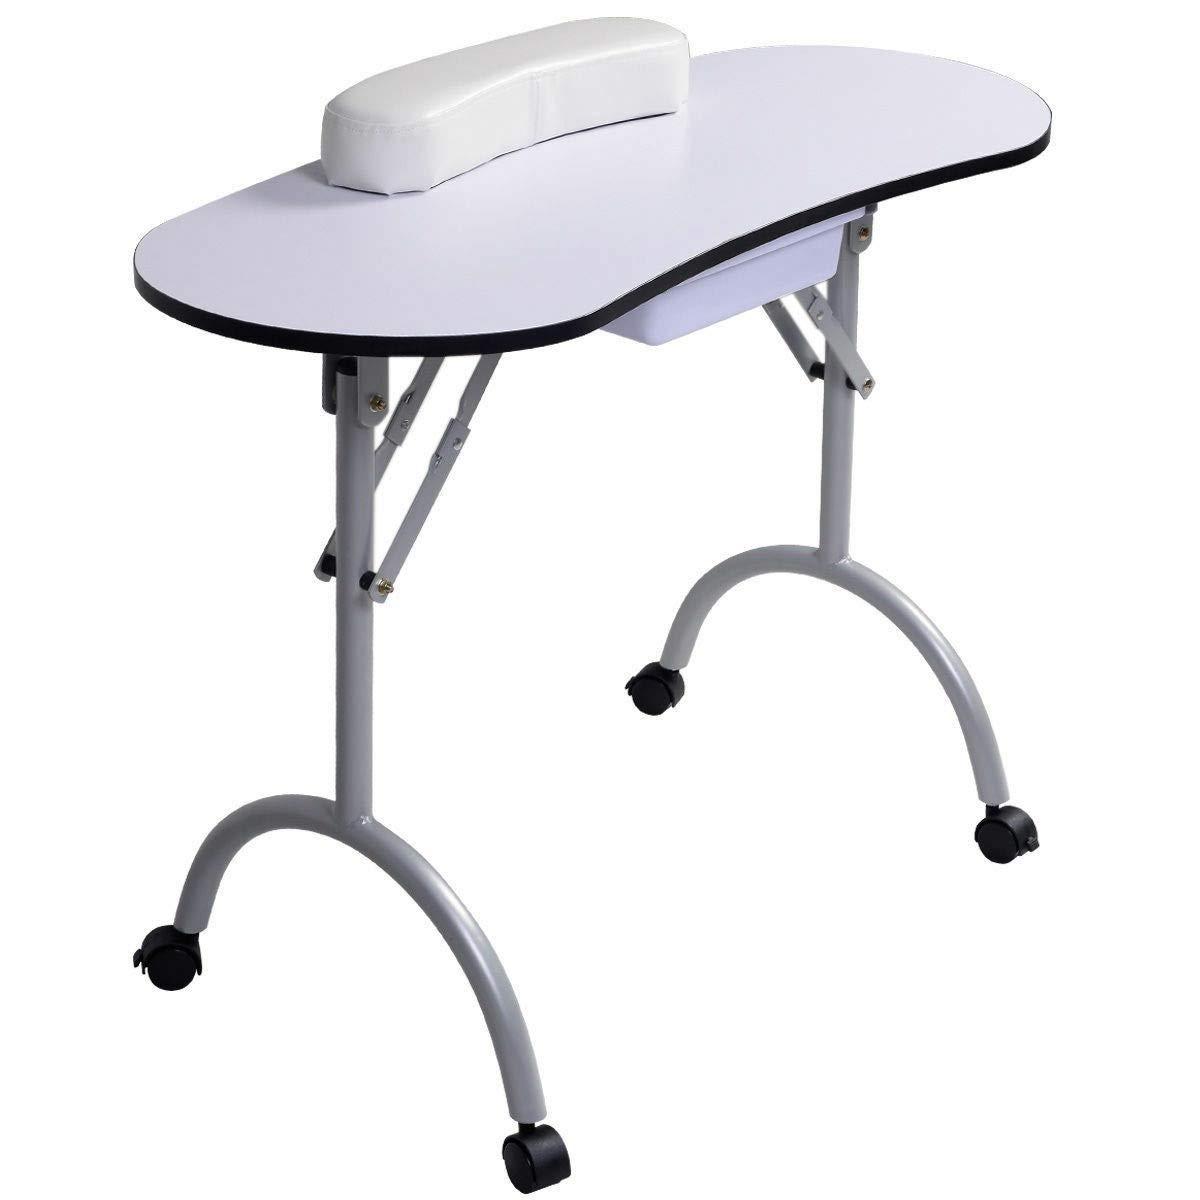 Ordinaire Amazon.com : Lucidz Makeup Station Desk Portable White Table Beauty Salon  Manicure Nail Care Spa Bag : Beauty